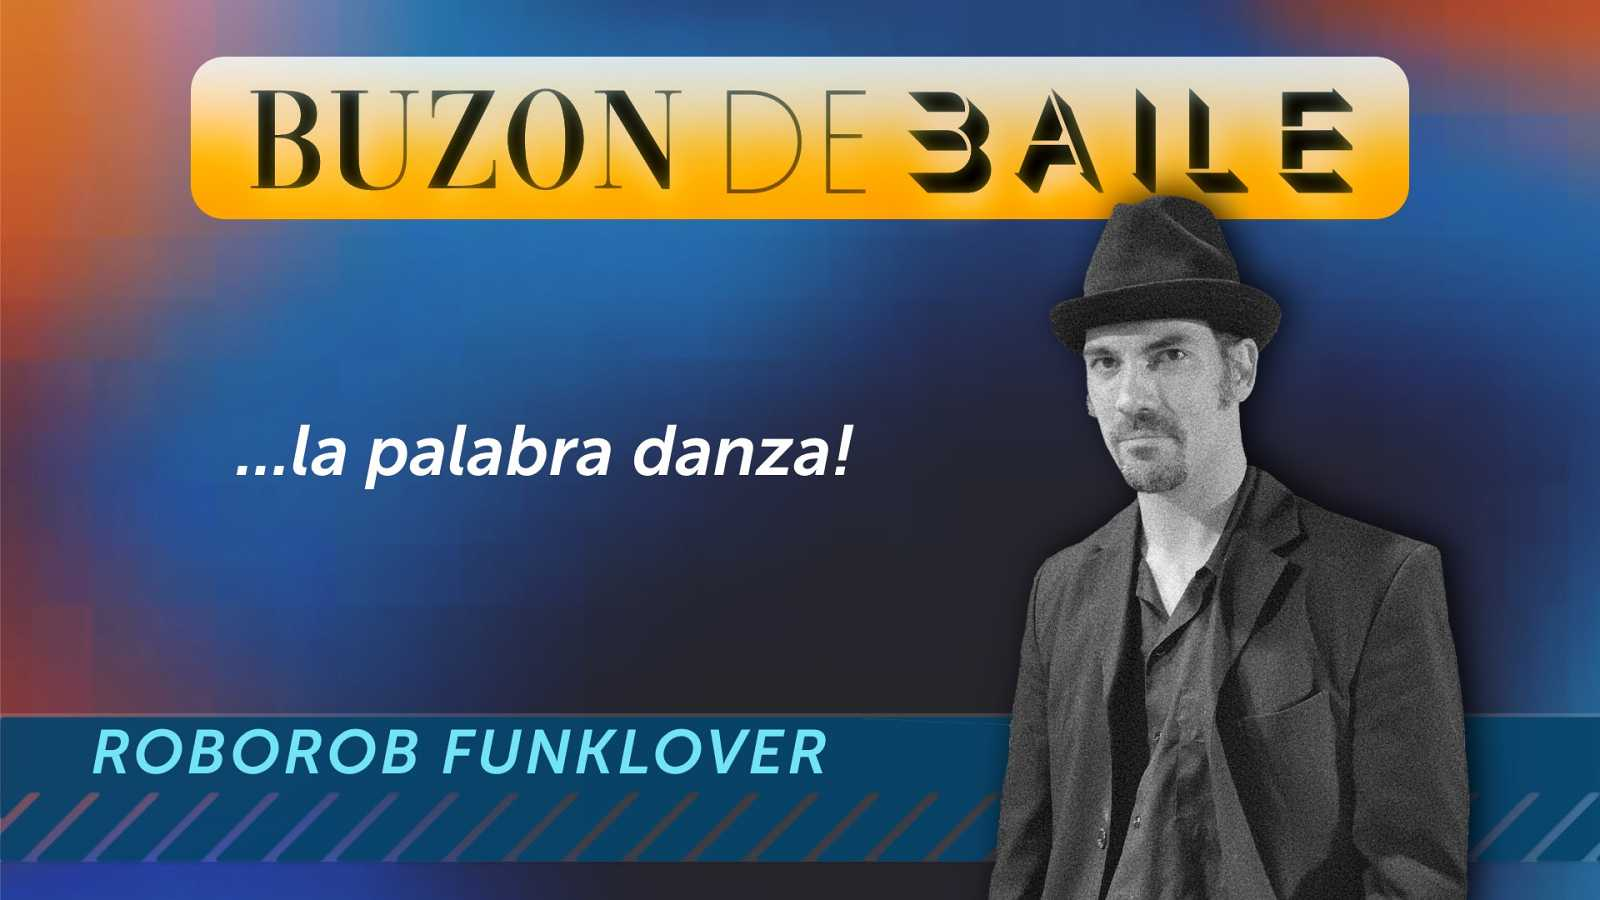 Buzón de baile - PASIÓN - 14/10/21 - Ver ahora